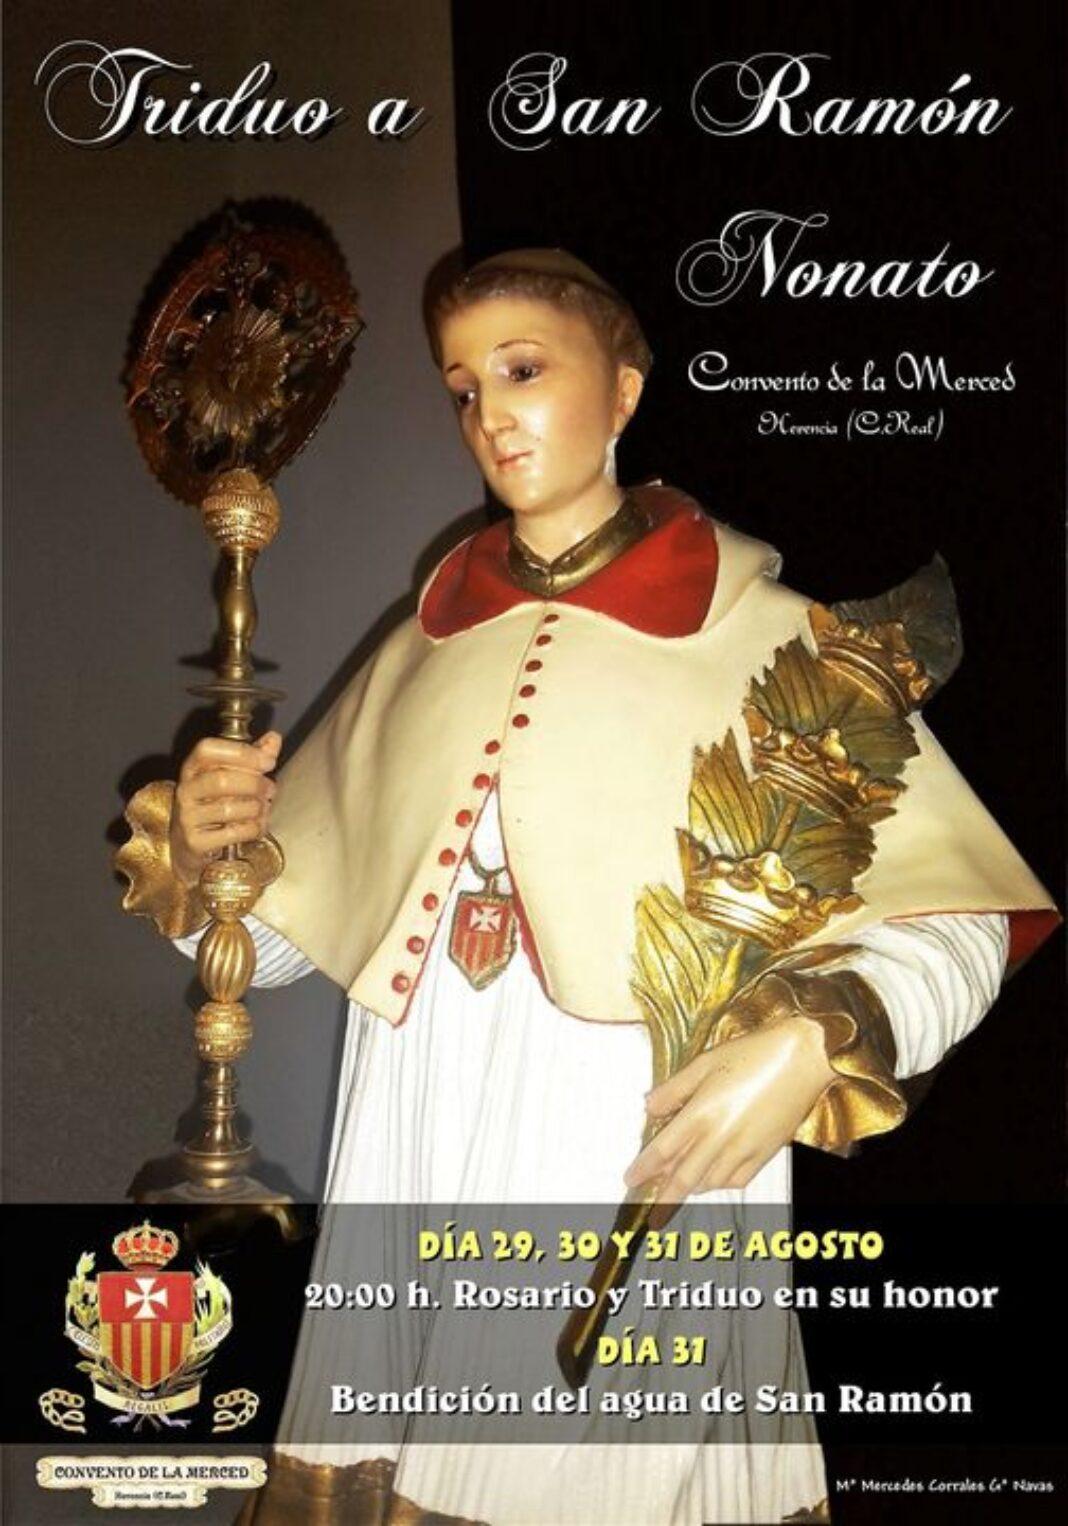 Triduo a San Ramon Nonato en Herencia 1068x1526 - Triduo a San Ramón Nonato en el convento de La Merced